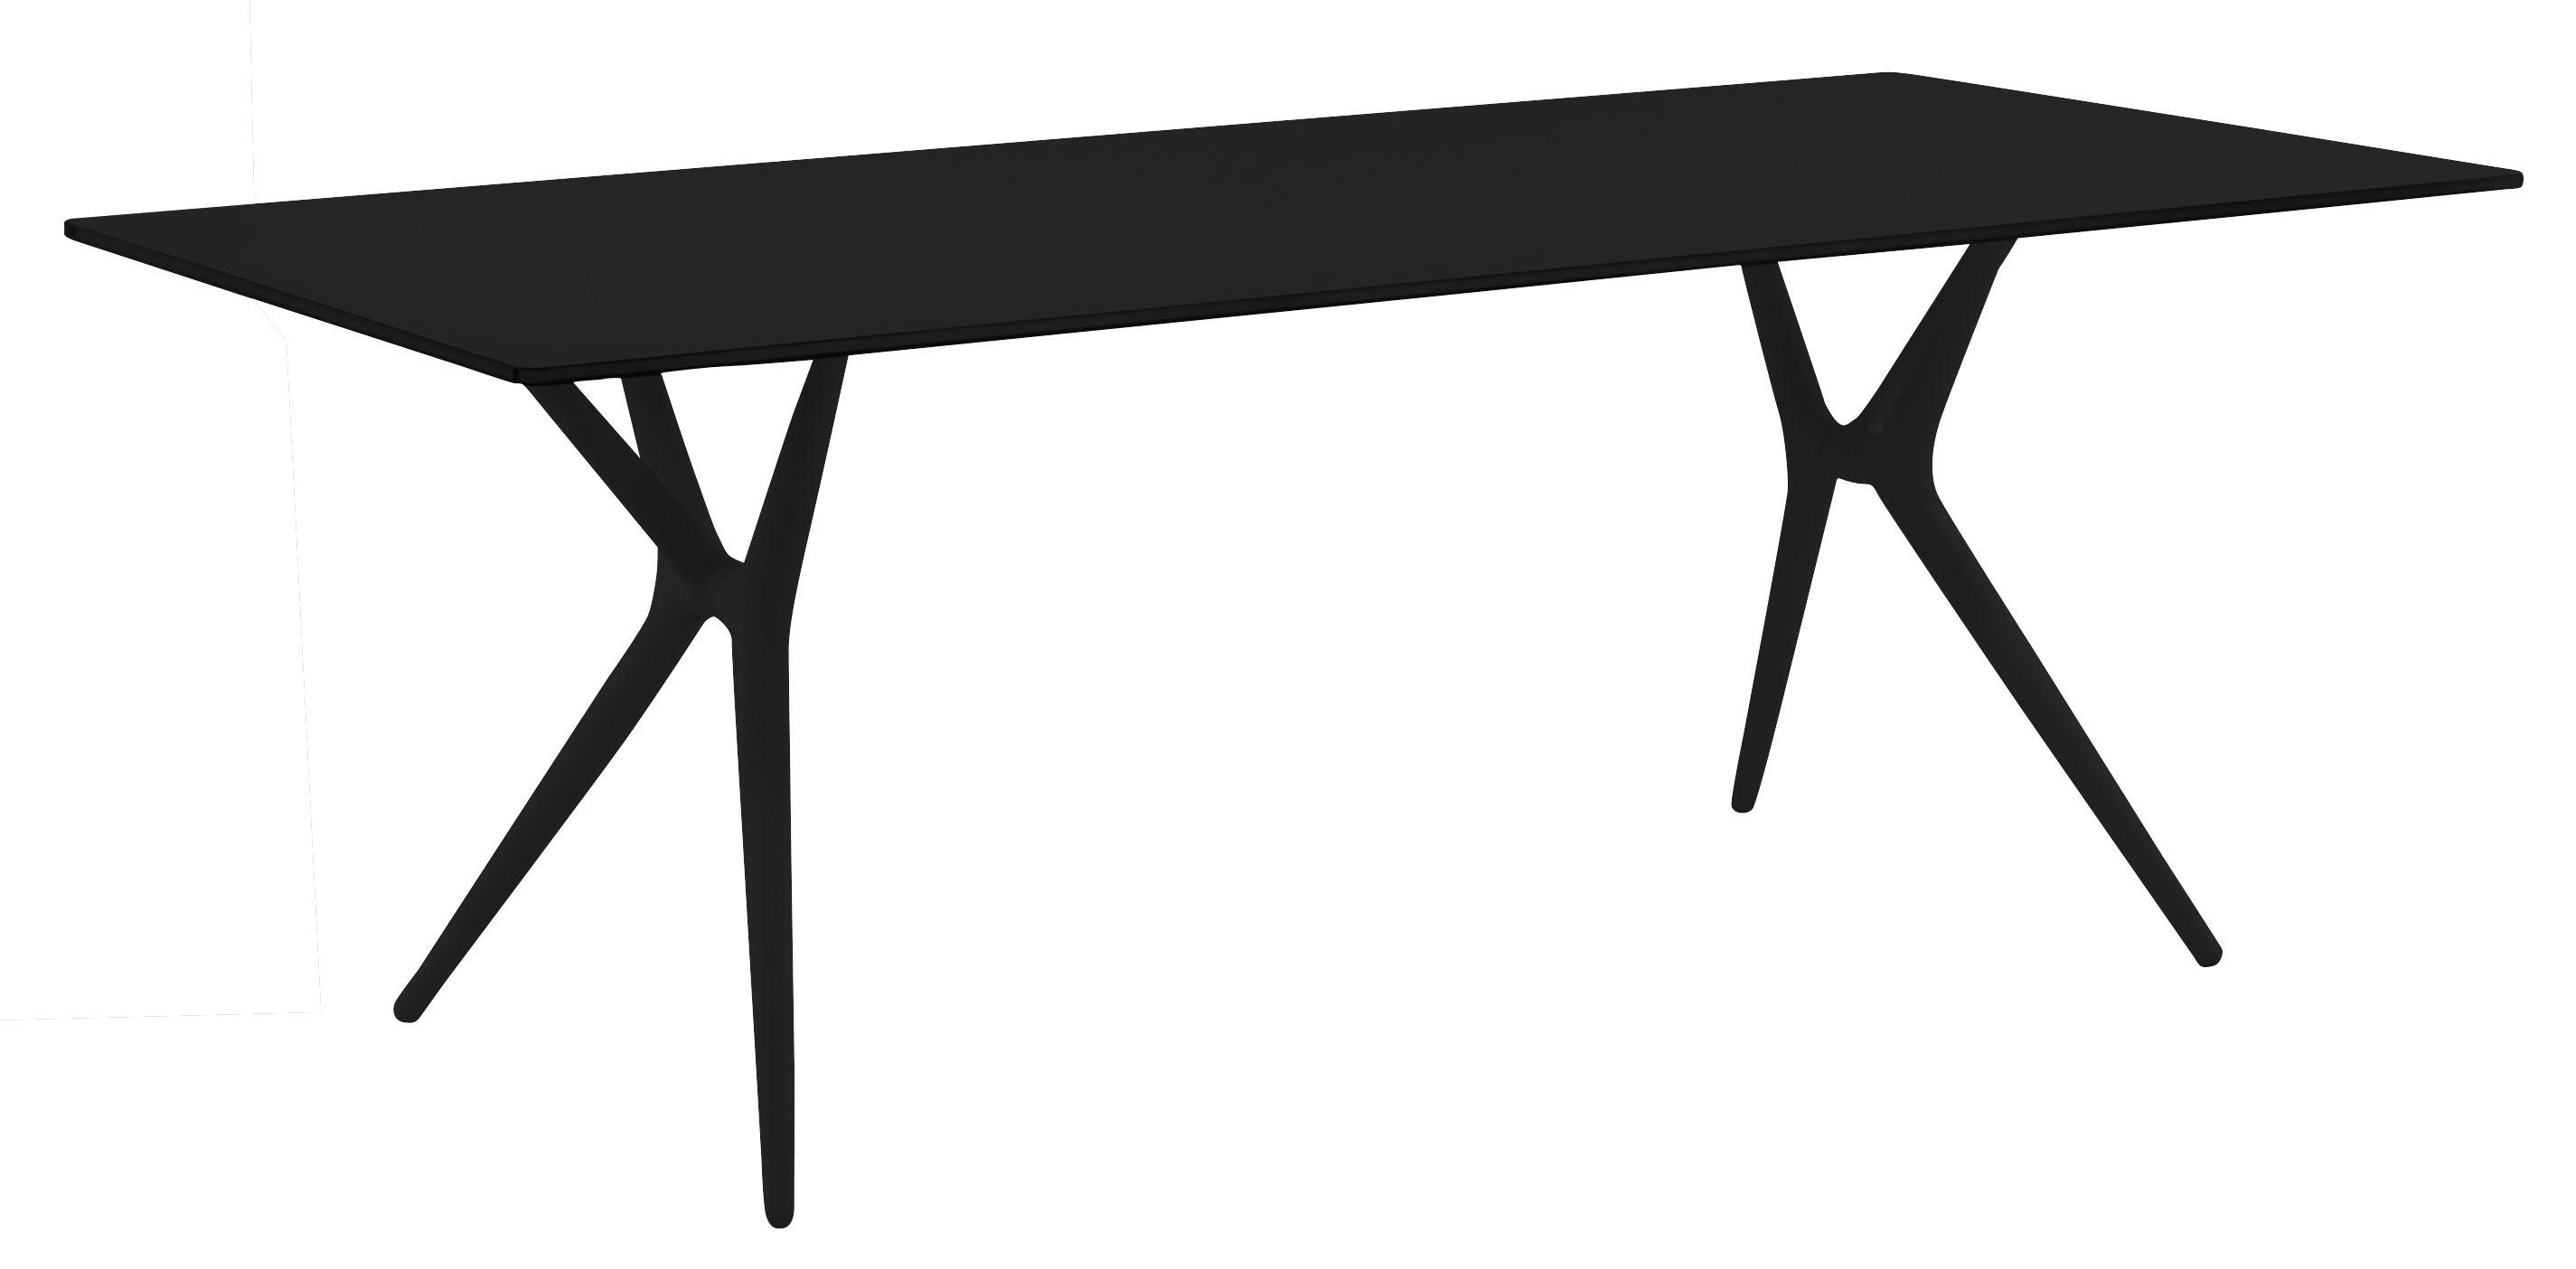 Möbel - Möbel für Teens - Spoon Klapptisch 140 x 70 cm - Kartell - Platte schwarz / Beine schwarz - Aluminium im laminierten Finish, Technoplymer